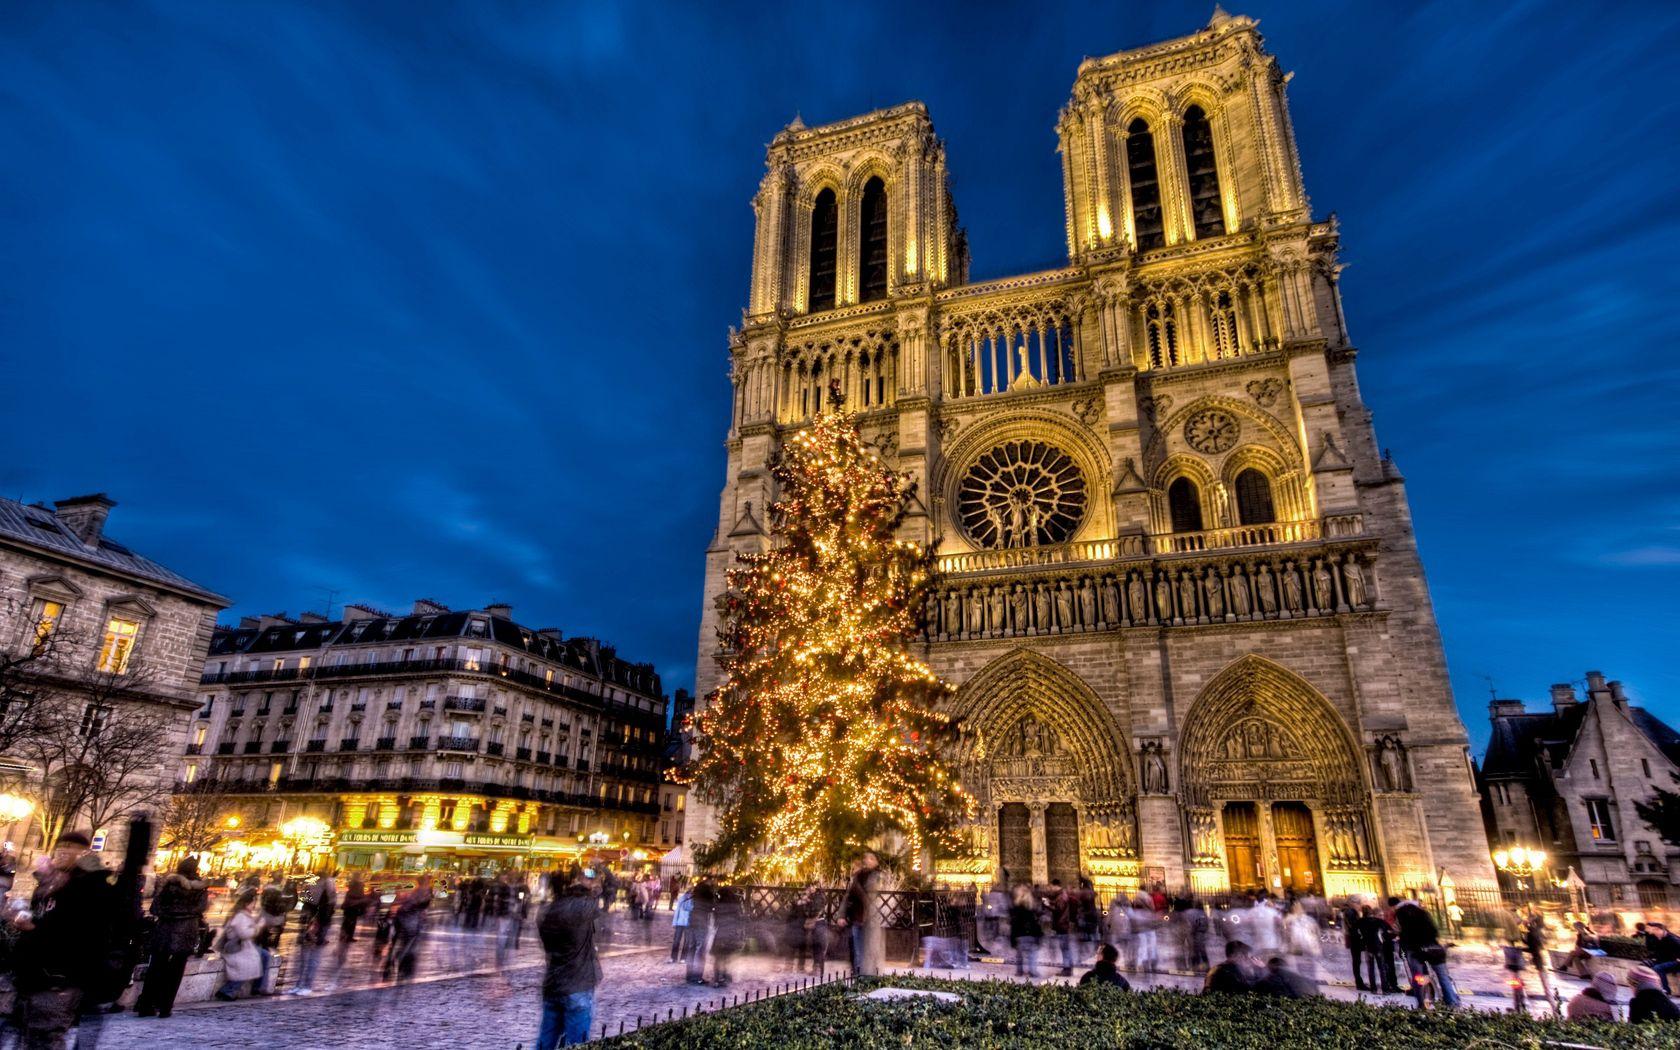 105938壁紙のダウンロードノートルダム大聖堂, ノートルダム・ド・パリ, パリ, フランス, 範囲, 正方形, 新年, クリスマスツリー, 休日, 都市-スクリーンセーバーと写真を無料で